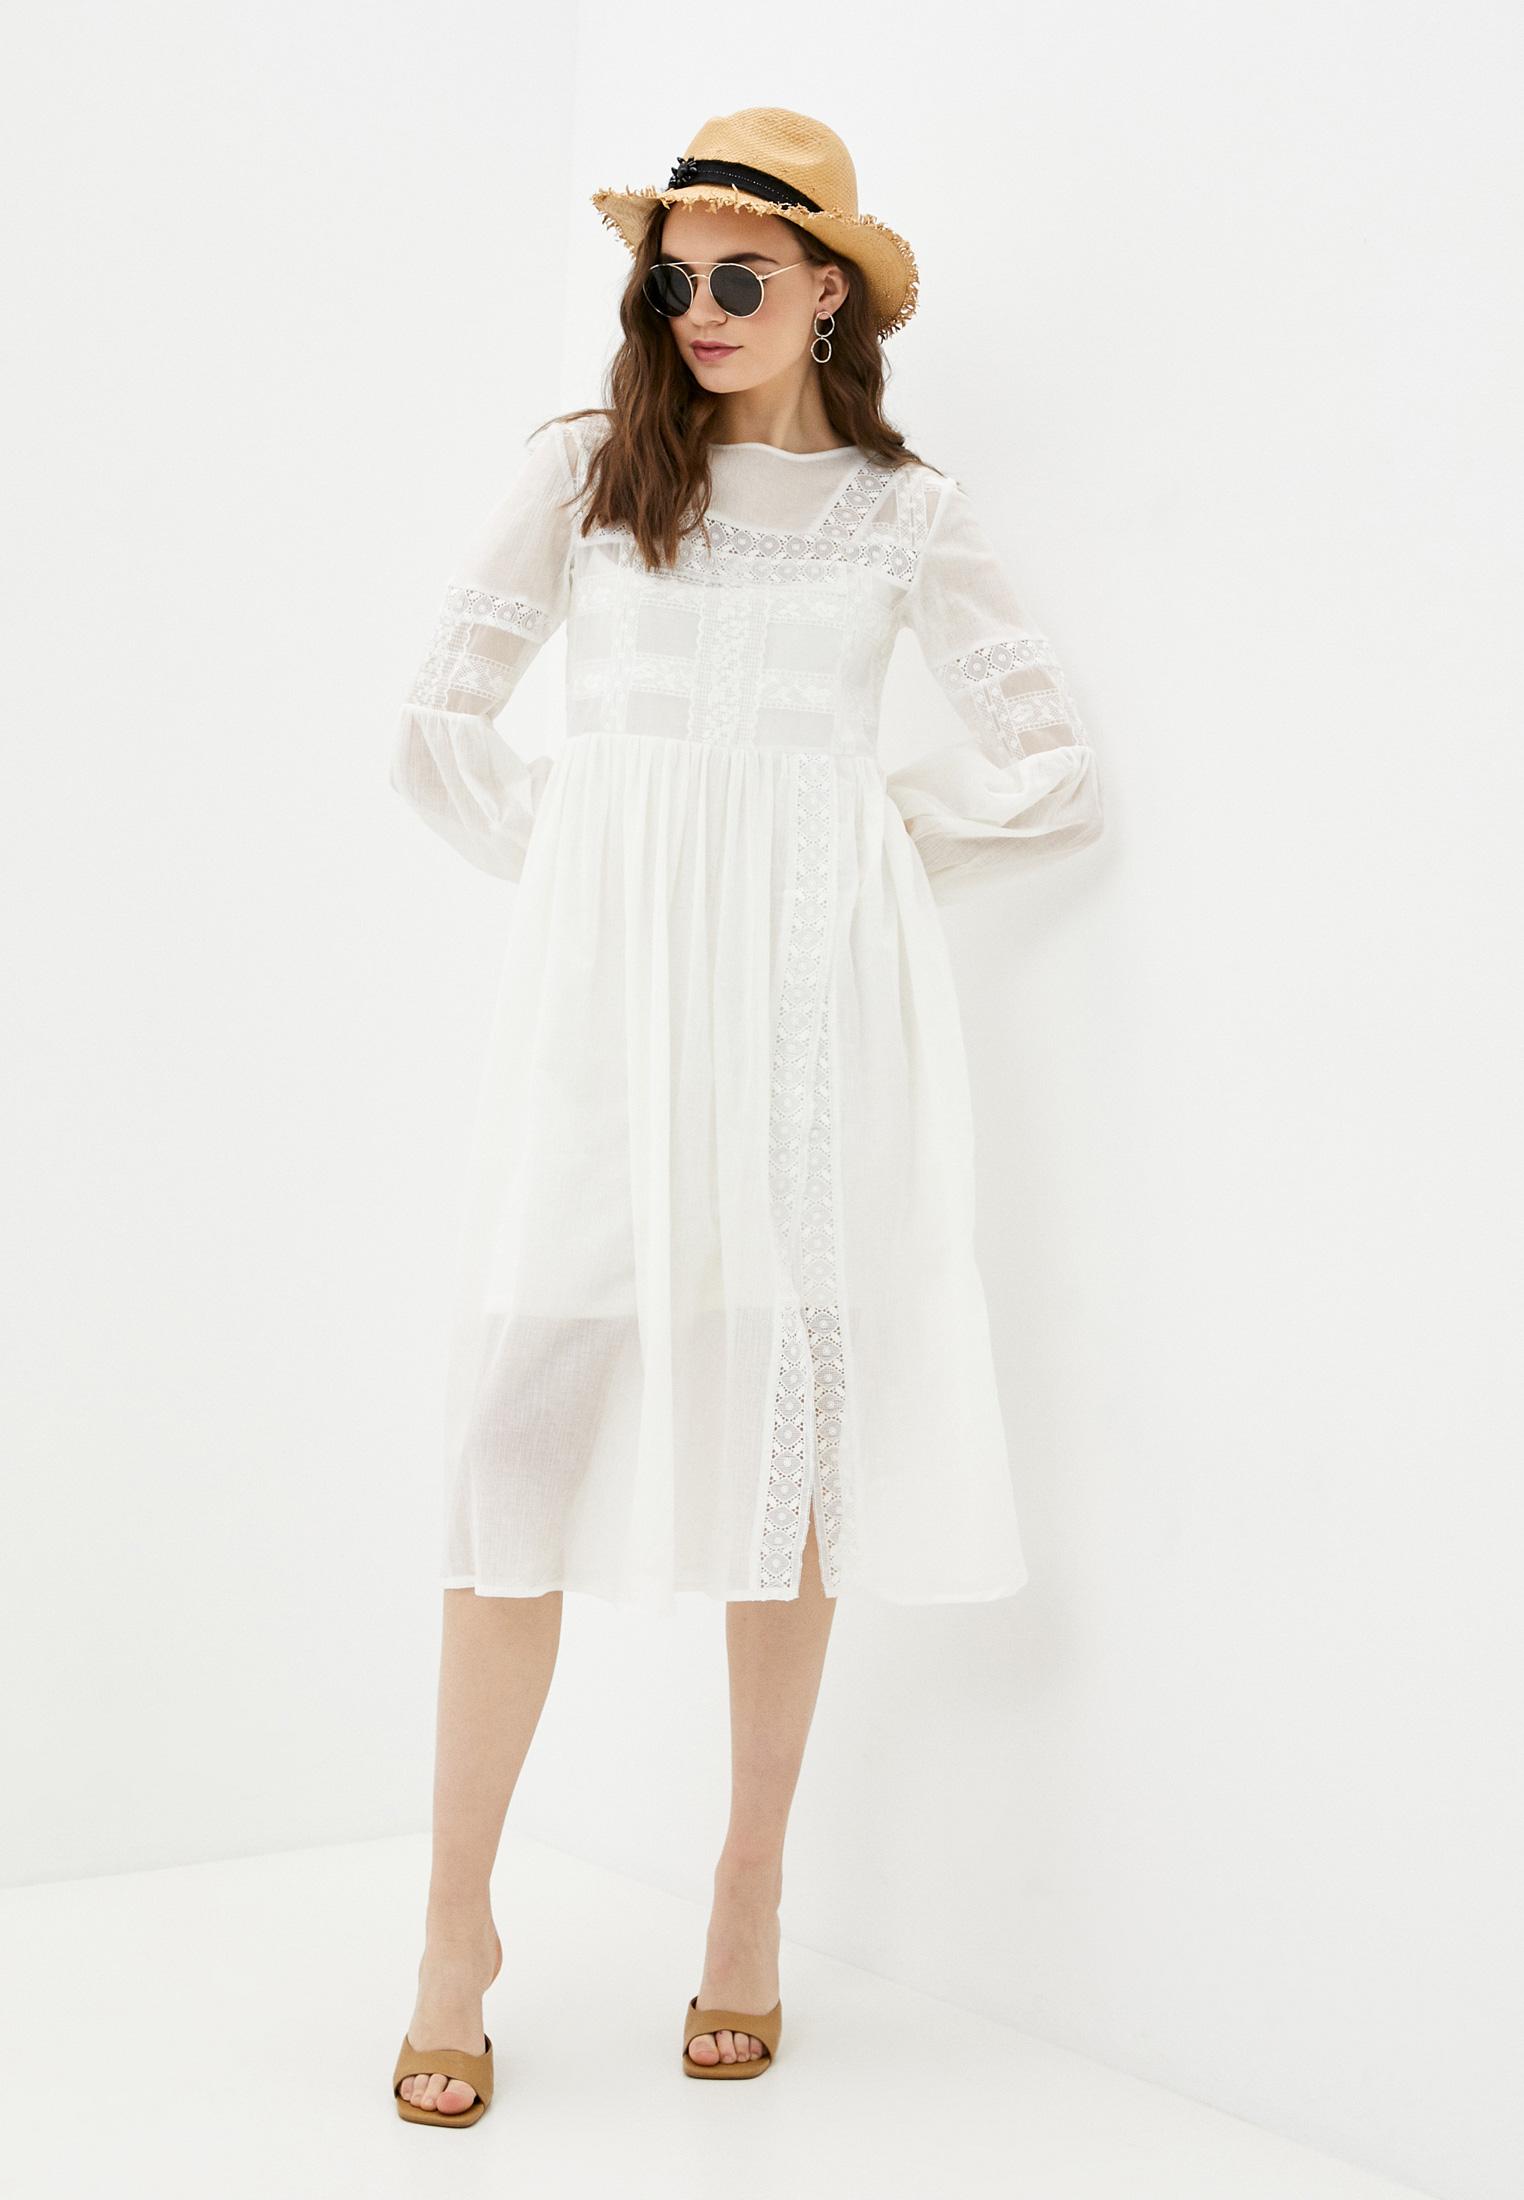 Повседневное платье Nataliy Beate Платье мод.515: изображение 2